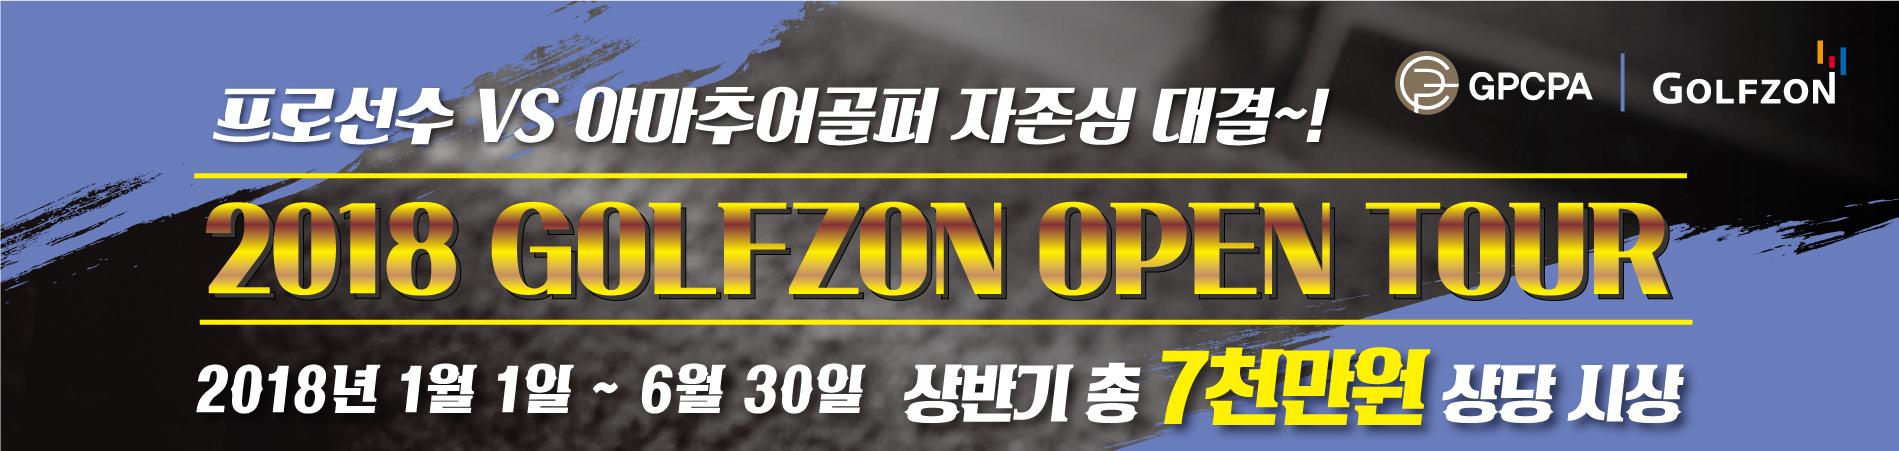 2018 골프존 오픈투어